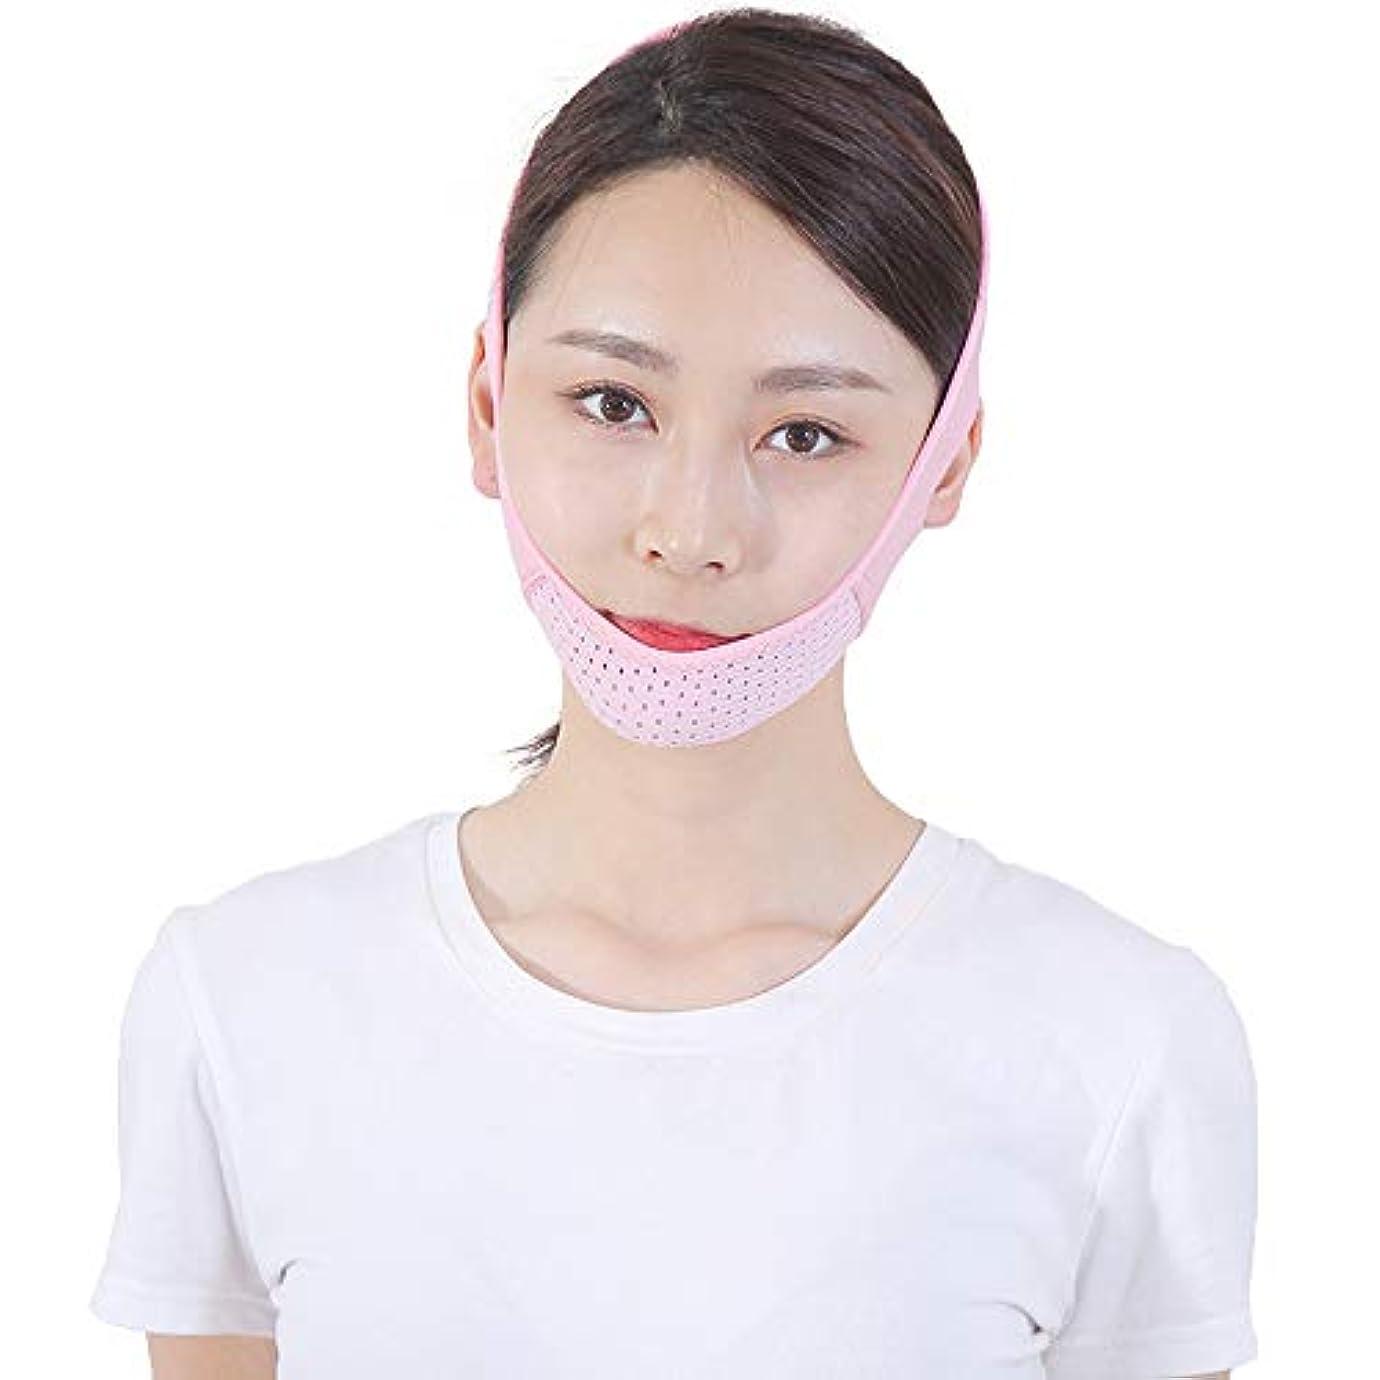 ヘクタールロッジレビュアーJia He 軽量 薄い顔のベルト - 薄い顔のベルト 顔の包帯ダブルチンの顔リフトの人工物Vのフェイスベルト薄い顔のマスク ##